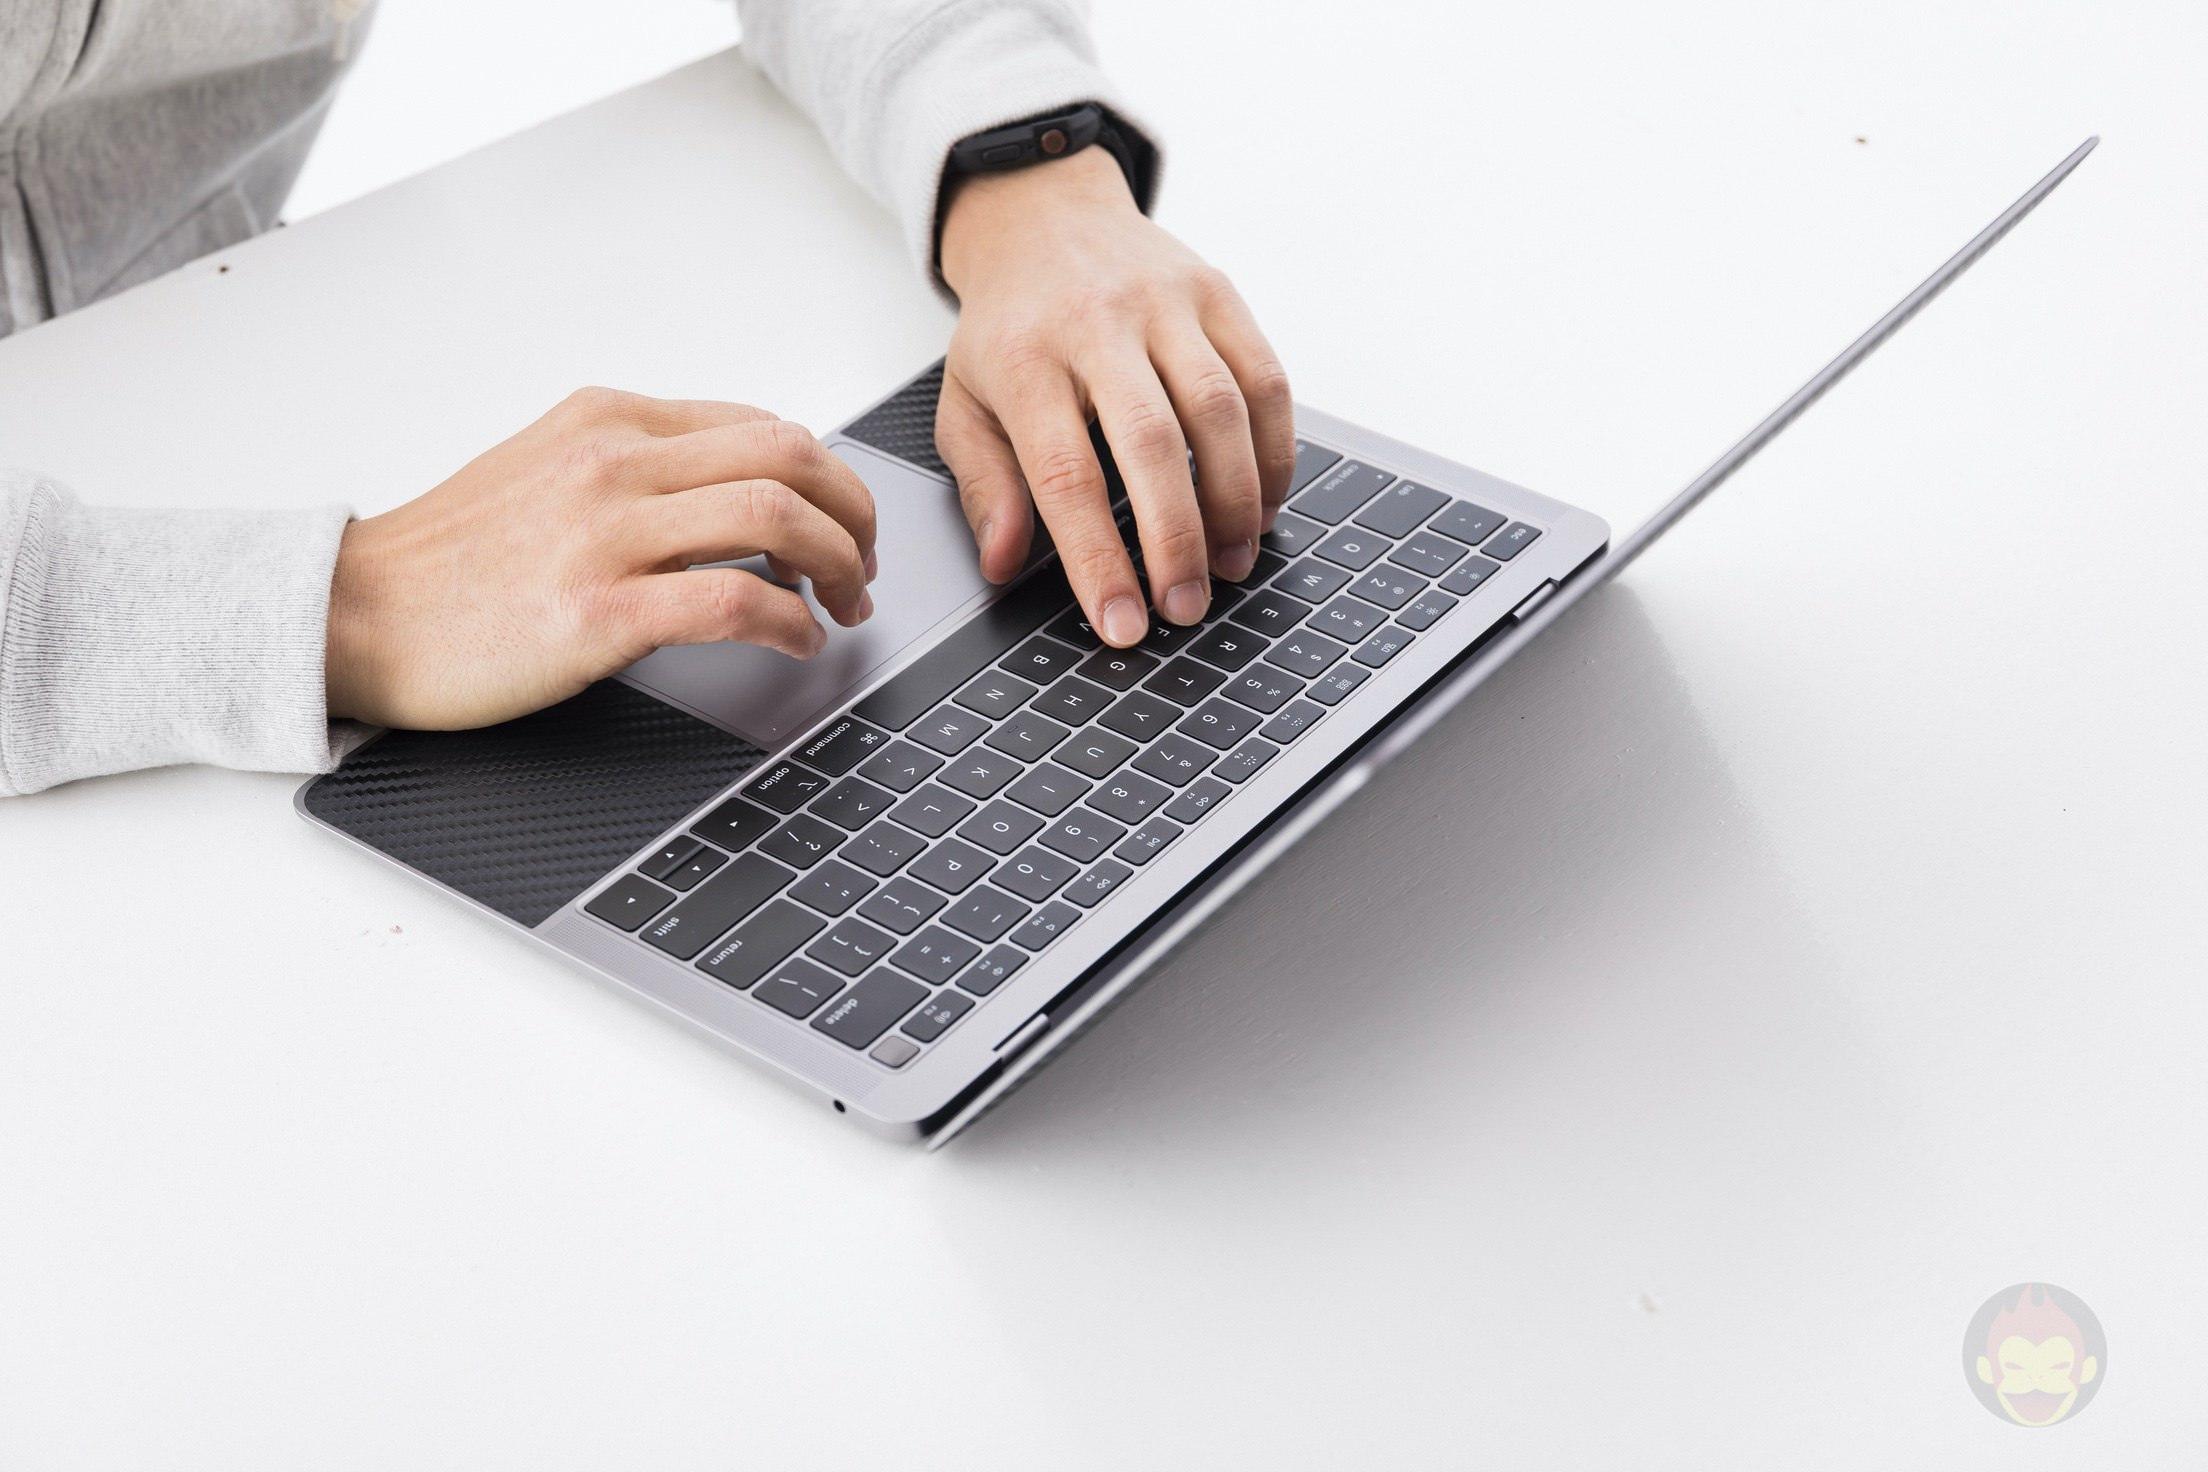 MacBook-Air-2018-GoriMe-Review-22.jpg